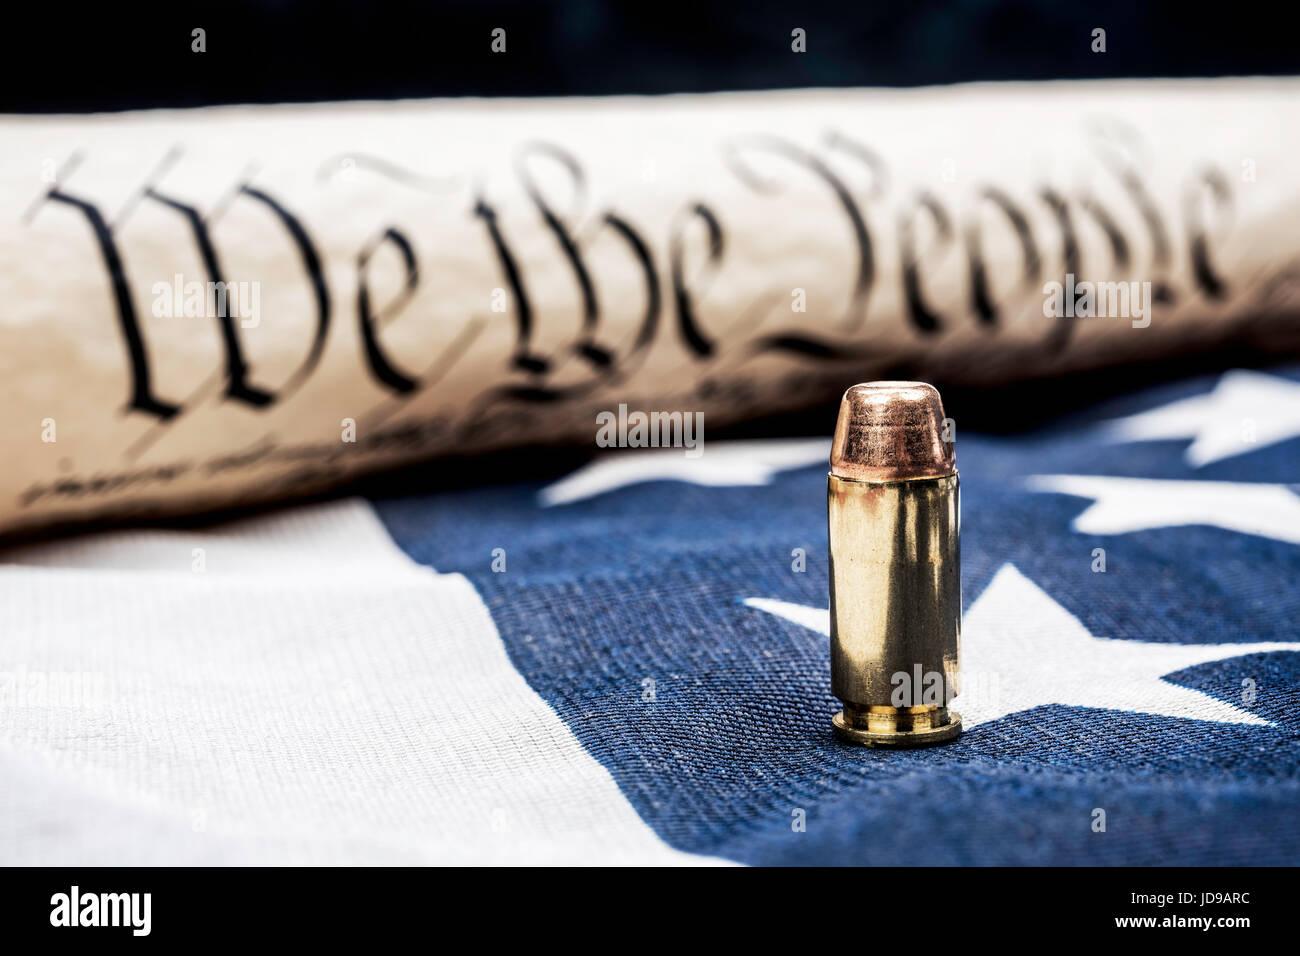 Die Verfassung der Vereinigten Staaten, die neben einer Kugel zusammengerollt ruht auf einer amerikanischen Flagge Stockbild